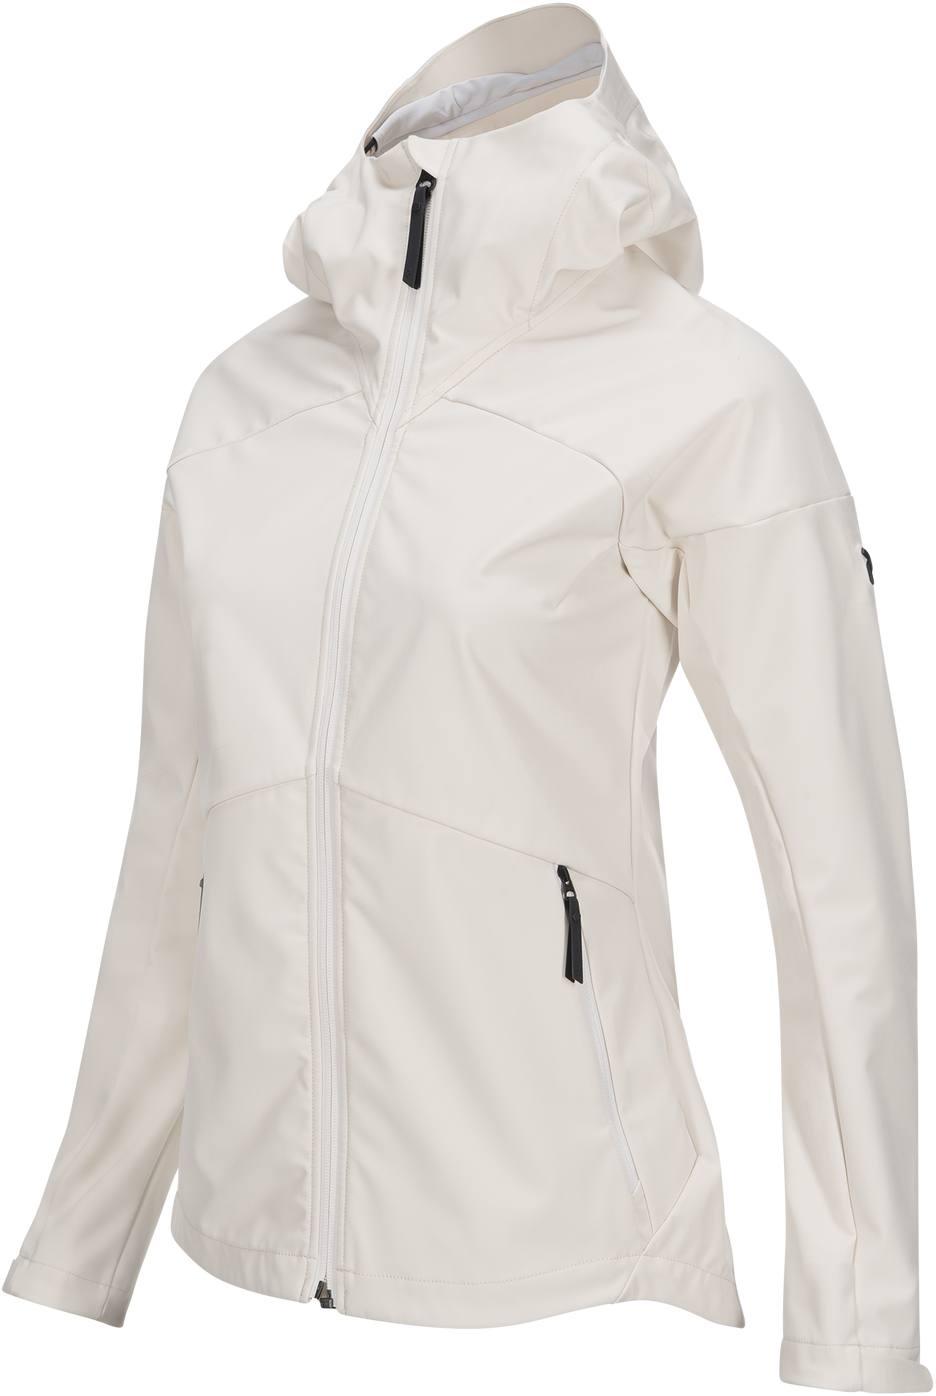 c22ba205de4 Peak Performance Women's Adventure Hooded Jacket | Scandinavian Outdoor